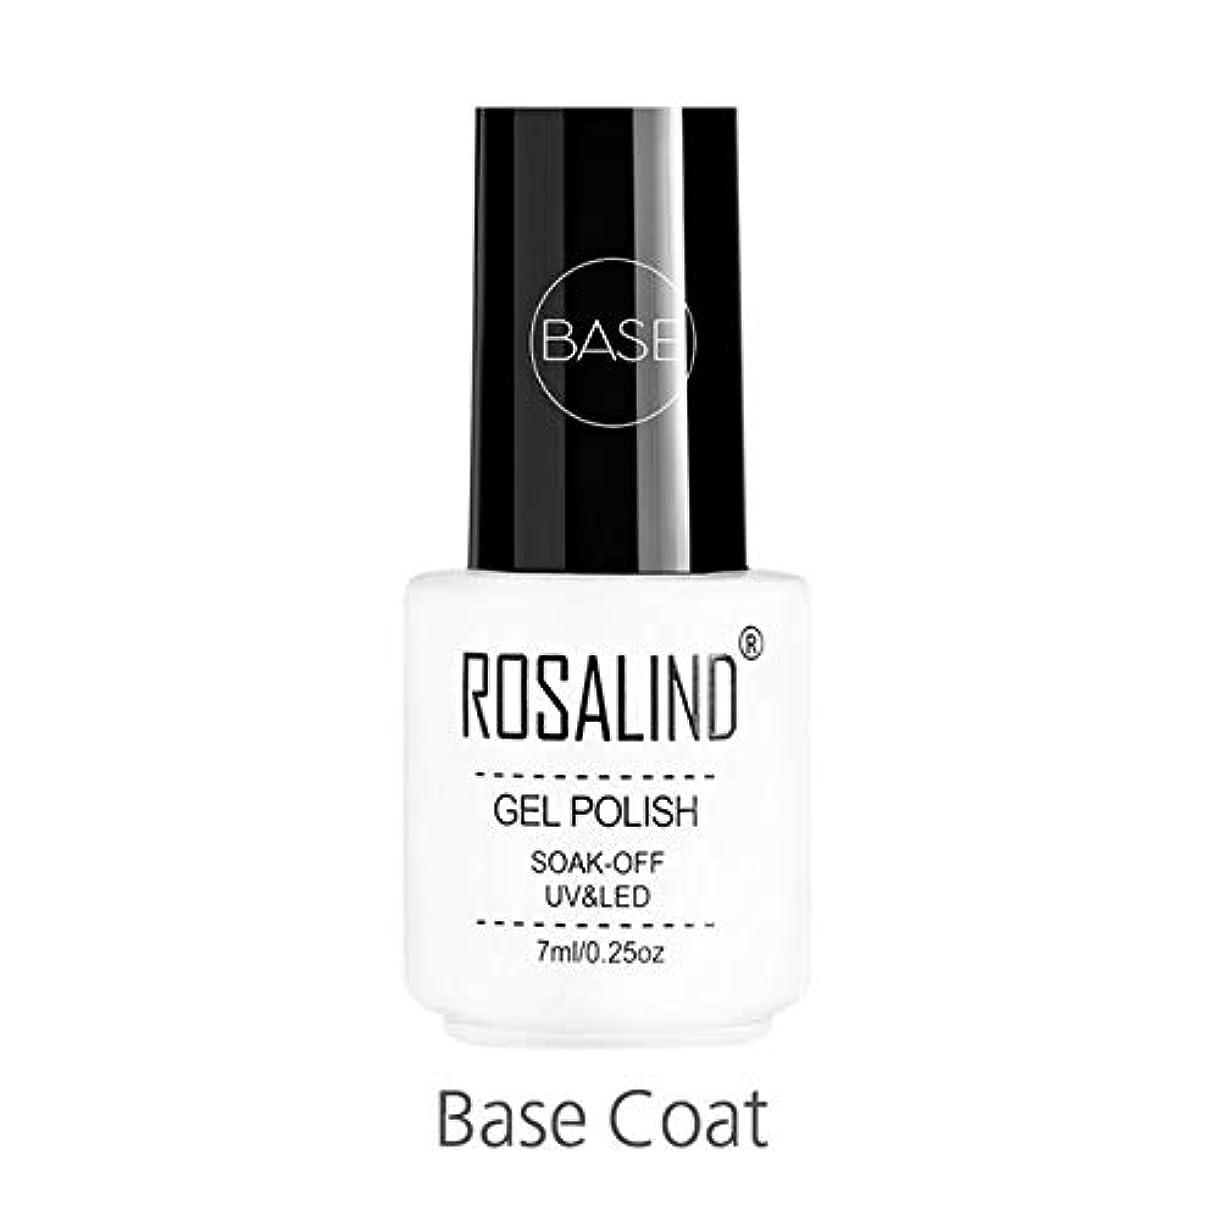 センチメンタルタオル除外するファッションアイテム ROSALINDジェルポリッシュセットUV半永久プライマートップコートポリジェルニスネイルアートマニキュアジェル、容量:7mlベースネイルグルー 環境に優しいマニキュア